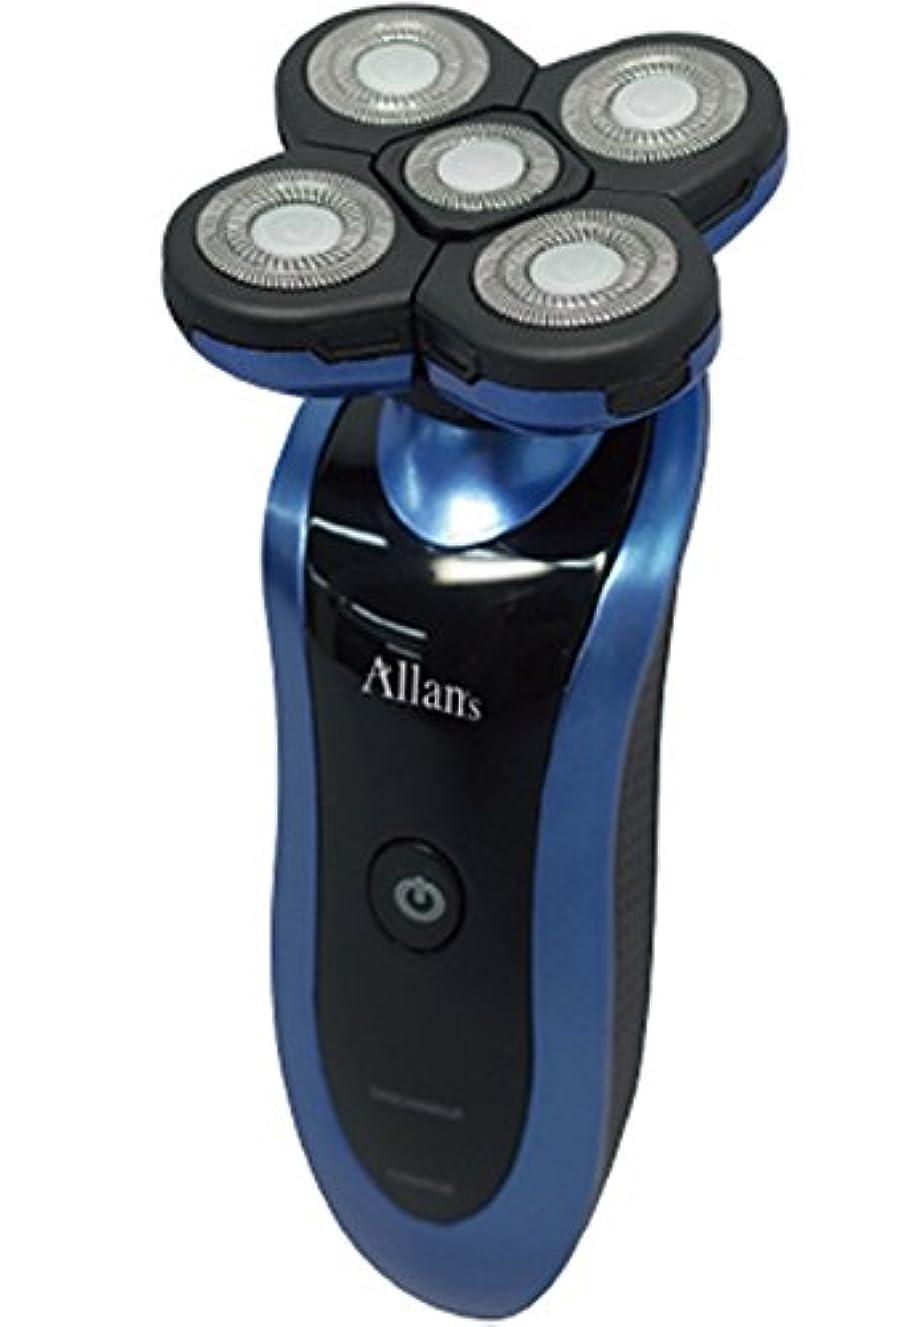 サンダル確かな告白するAllans 回転式 5枚刃 ブレード 洗える 充電 電動 髭剃り ウォッシャブル メンズ シェーバー MEBM-26